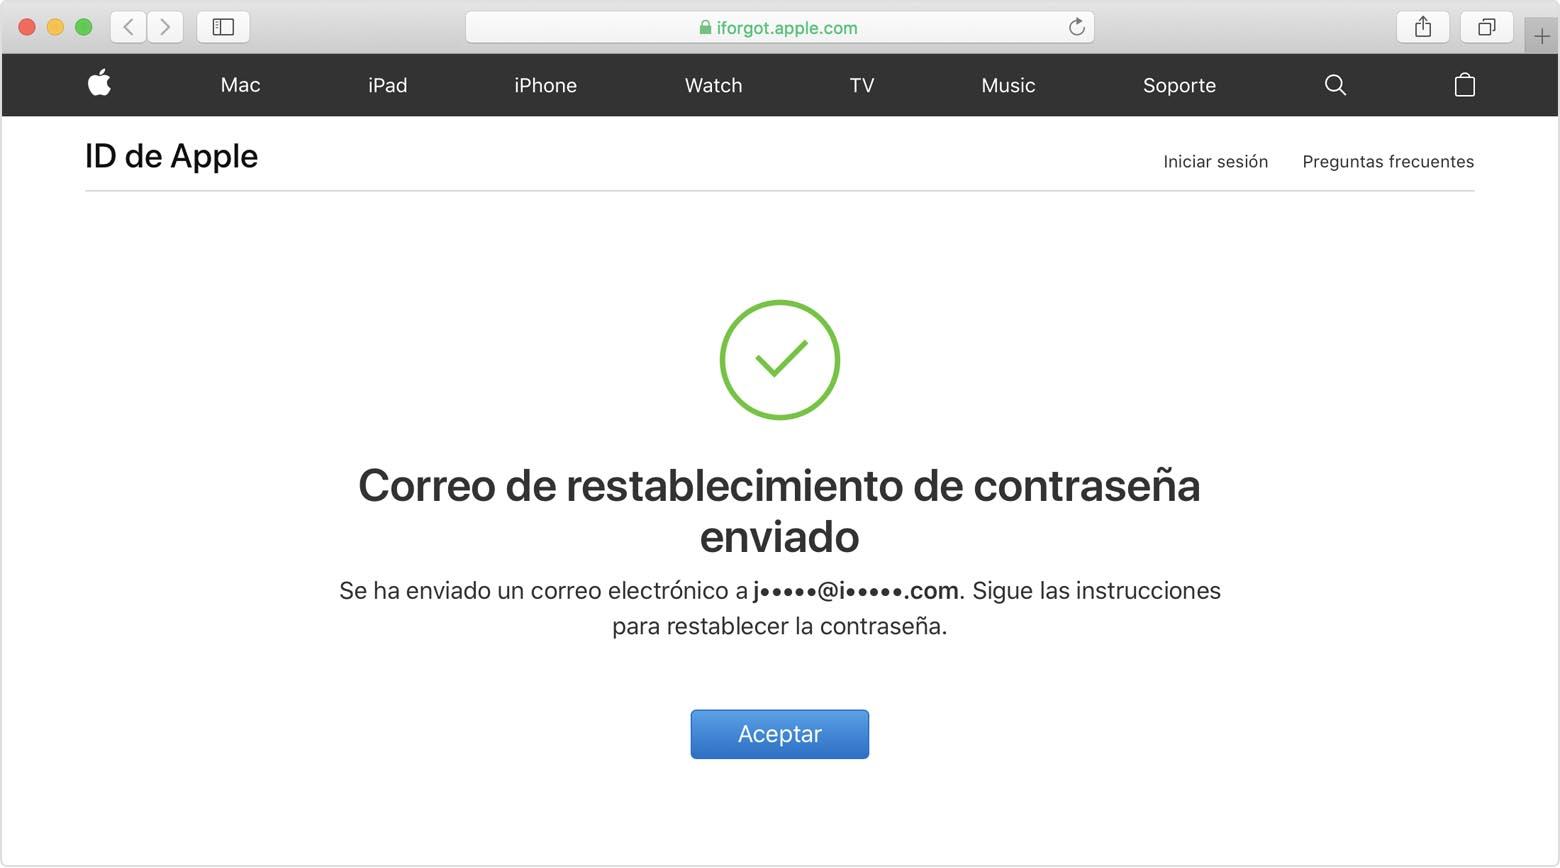 Pantalla ID de Apple mostrando Se ha enviado el mensaje de restablecimiento de contraseña